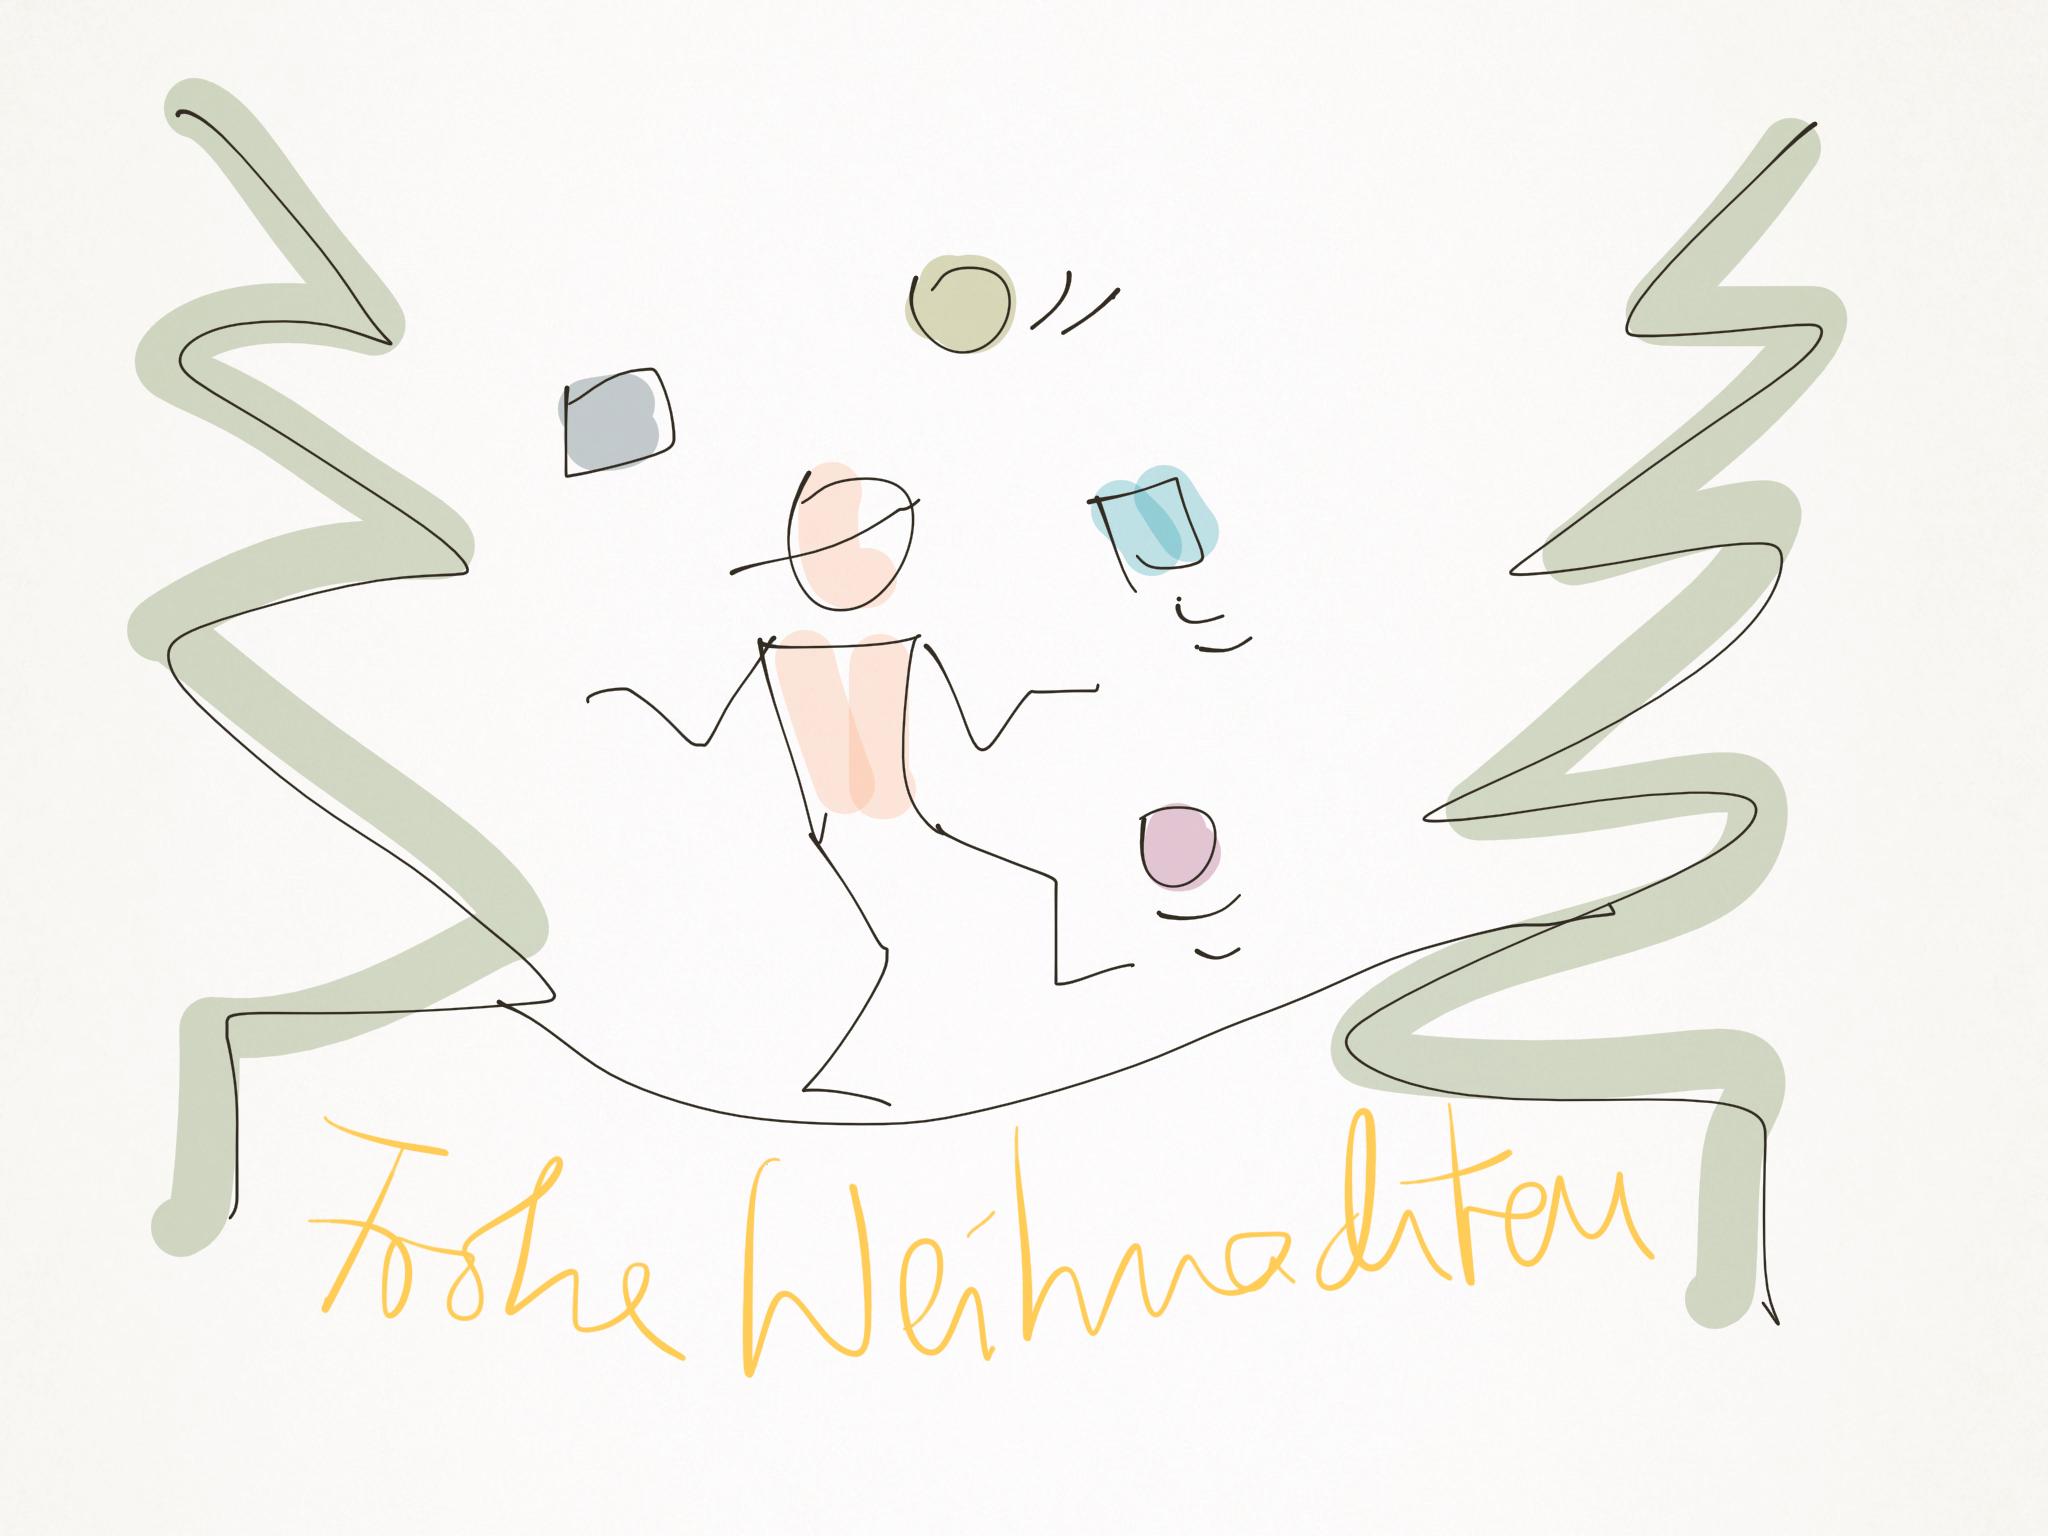 Frohe Weihnachten Bewegte Bilder.Frohe Weihnachten Und Einen Bewegenden Start Ins Neue Jahr